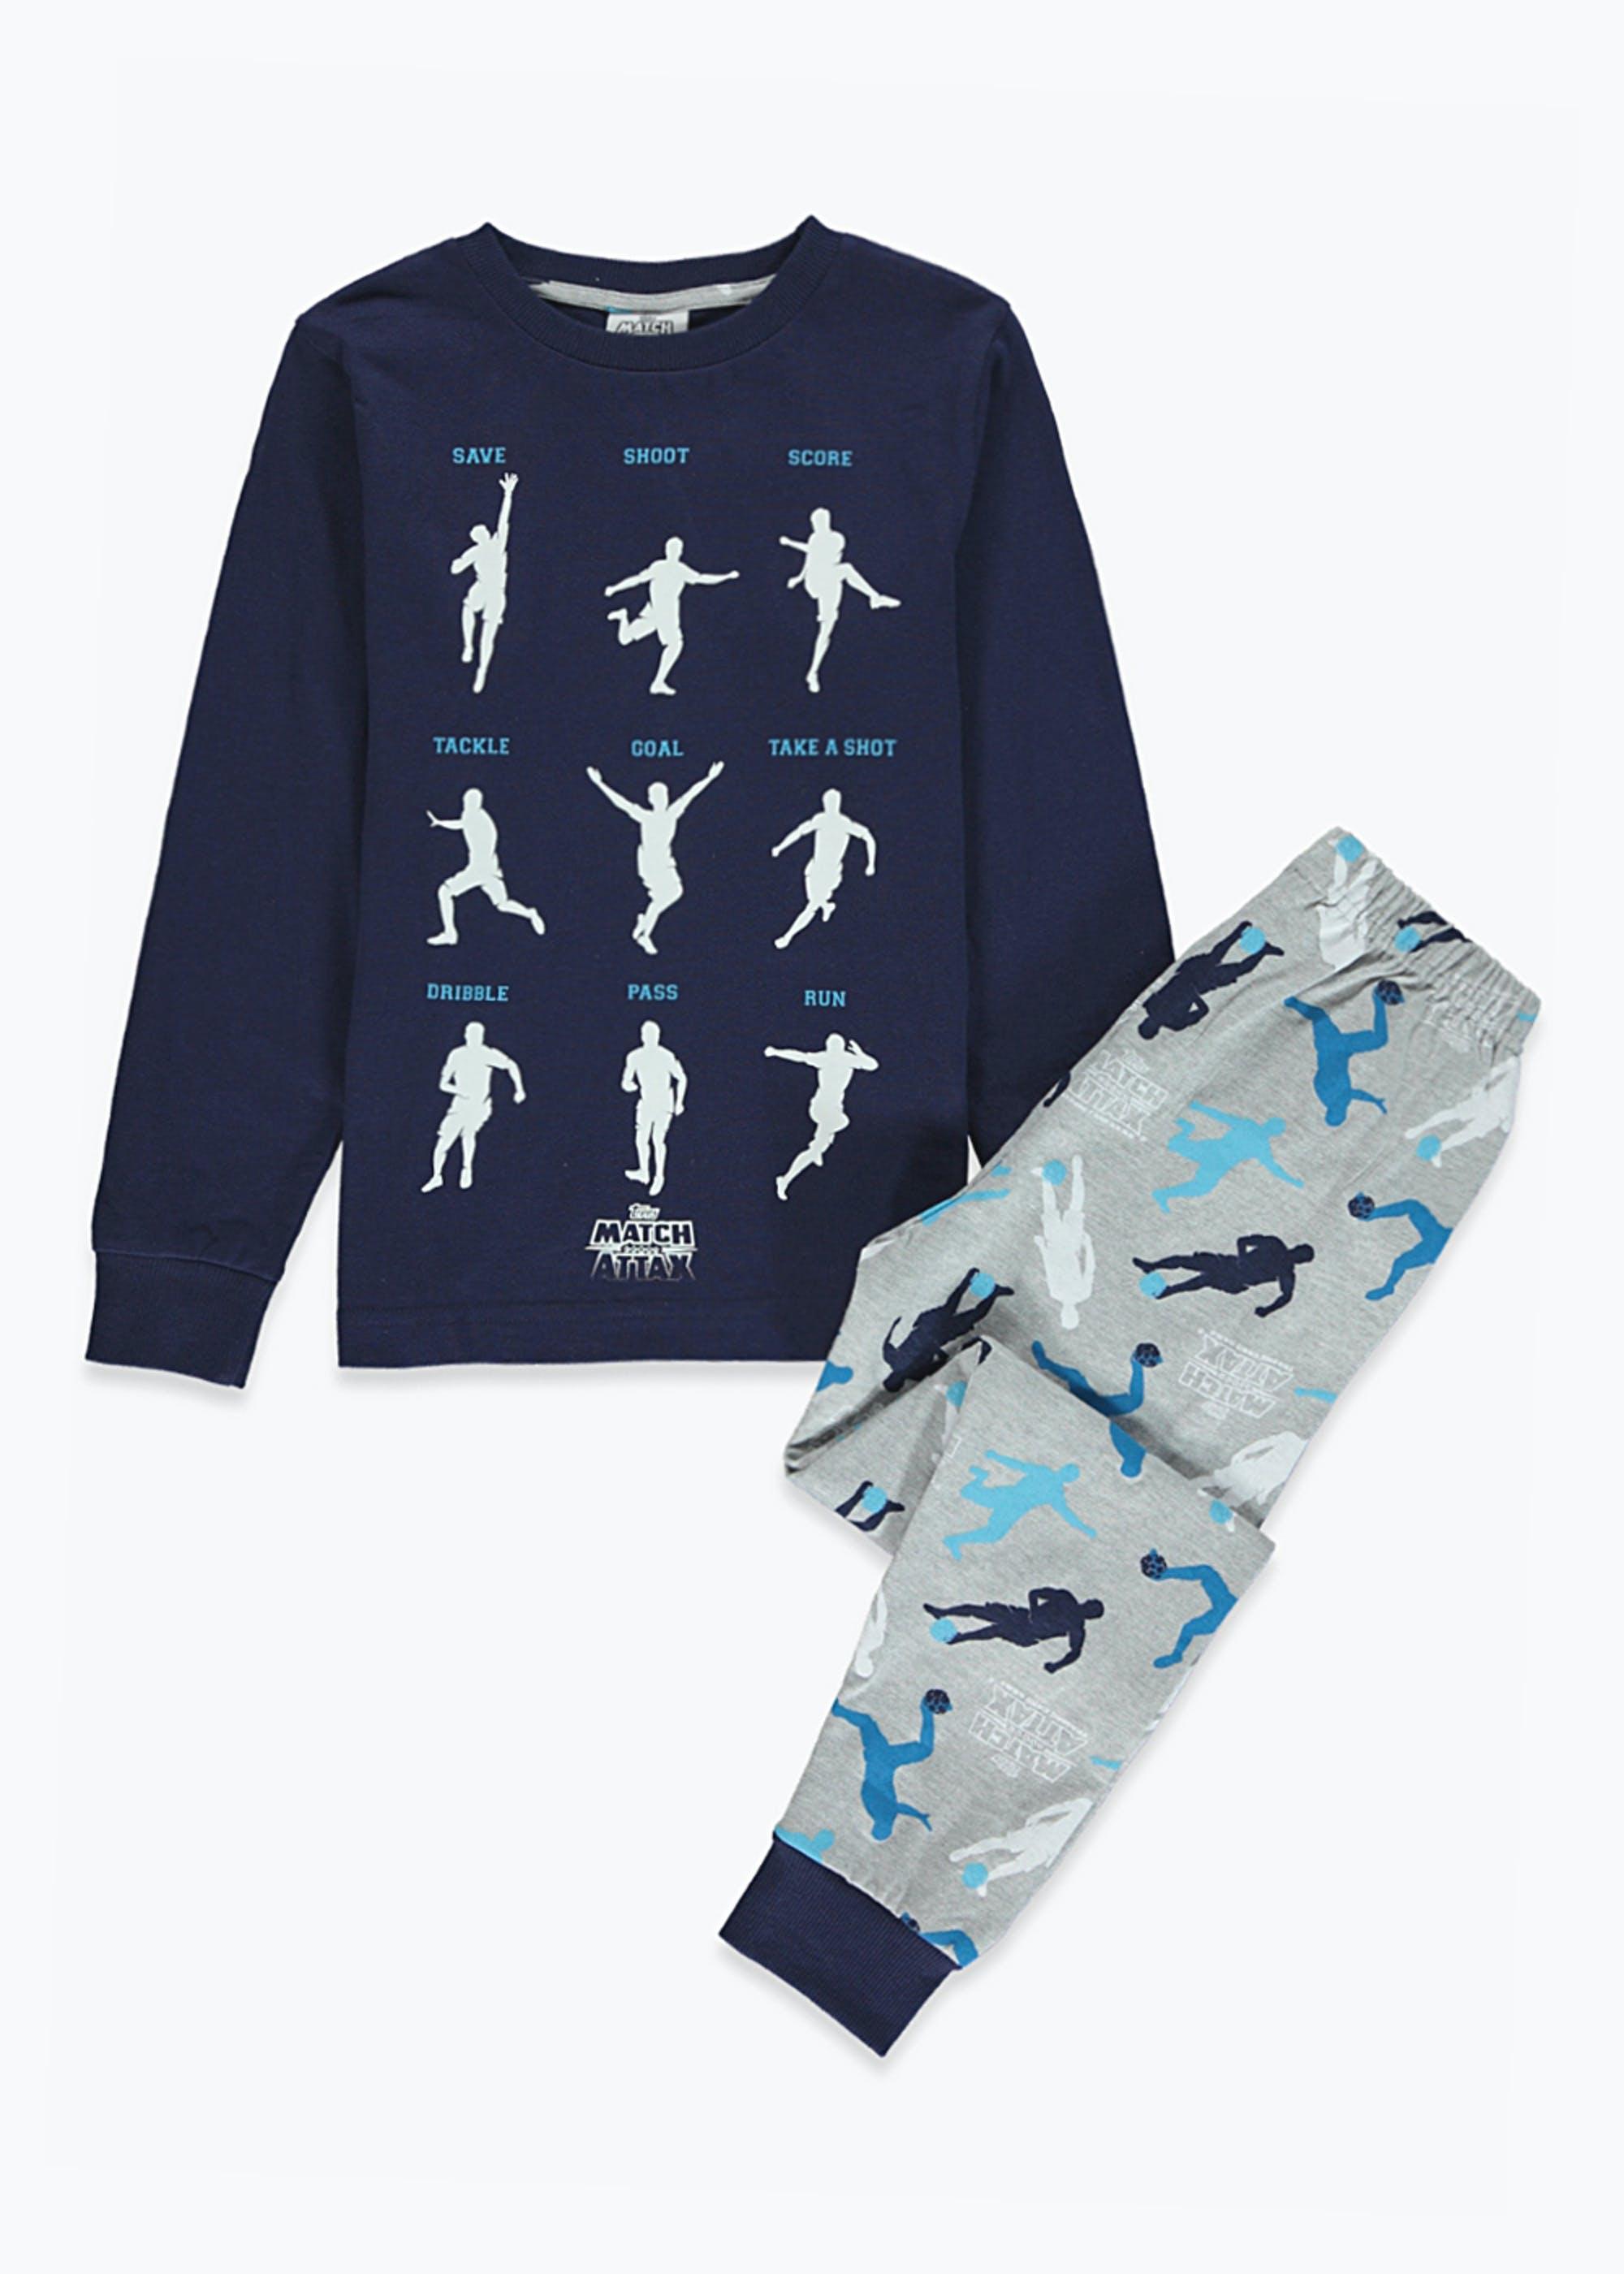 Kids Match Attax Pyjamas Selected sizes £6 @ Matalan Free click & collect